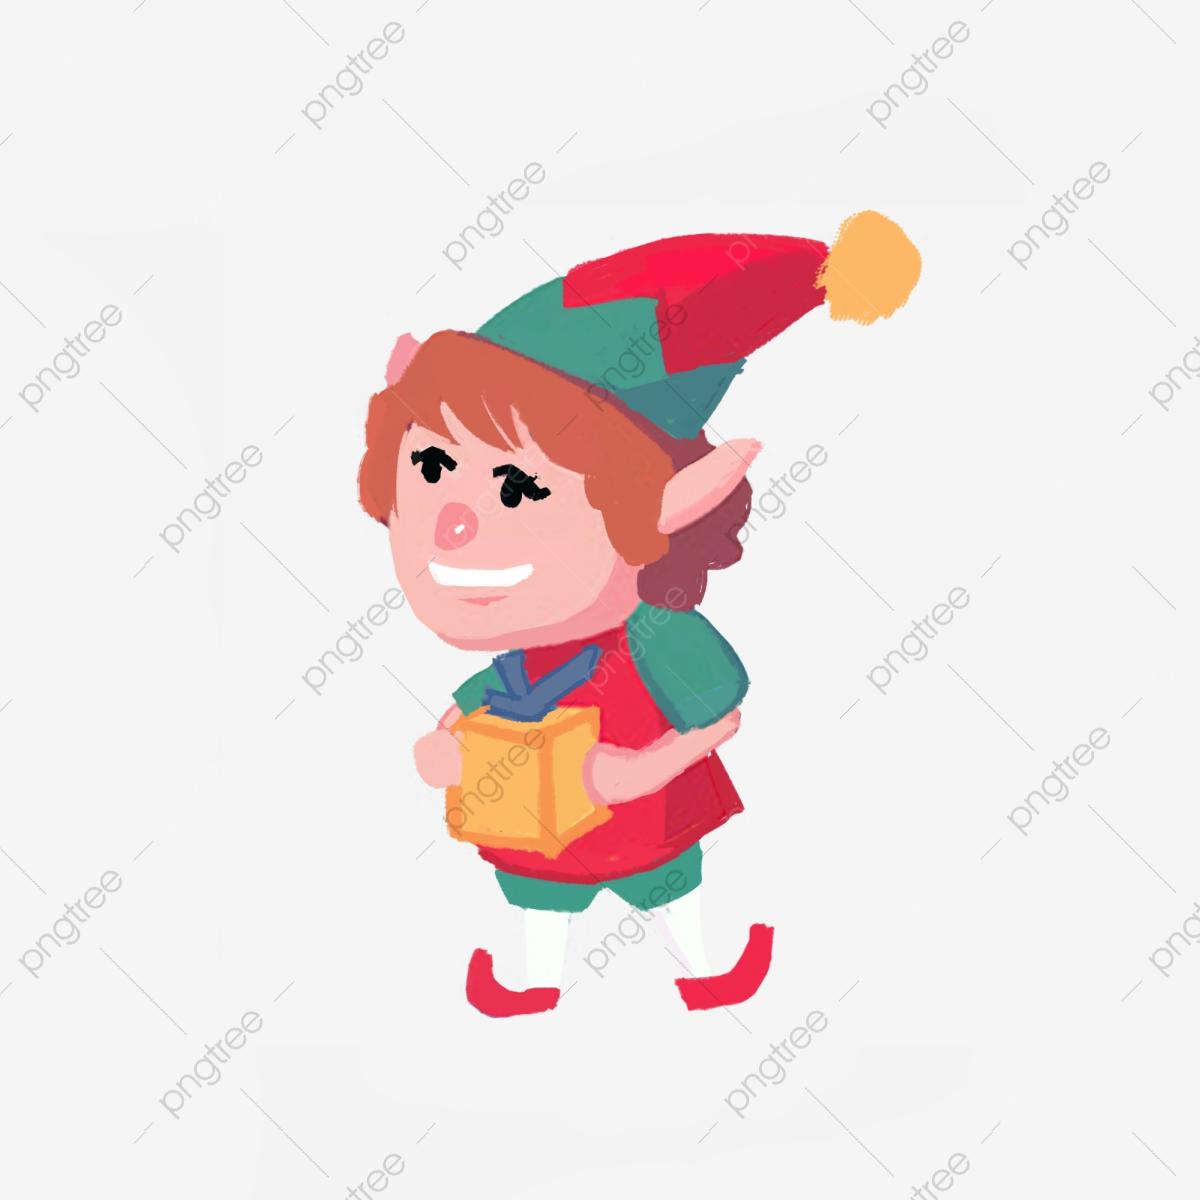 Elves clipart spirit. Christmas elf gift box